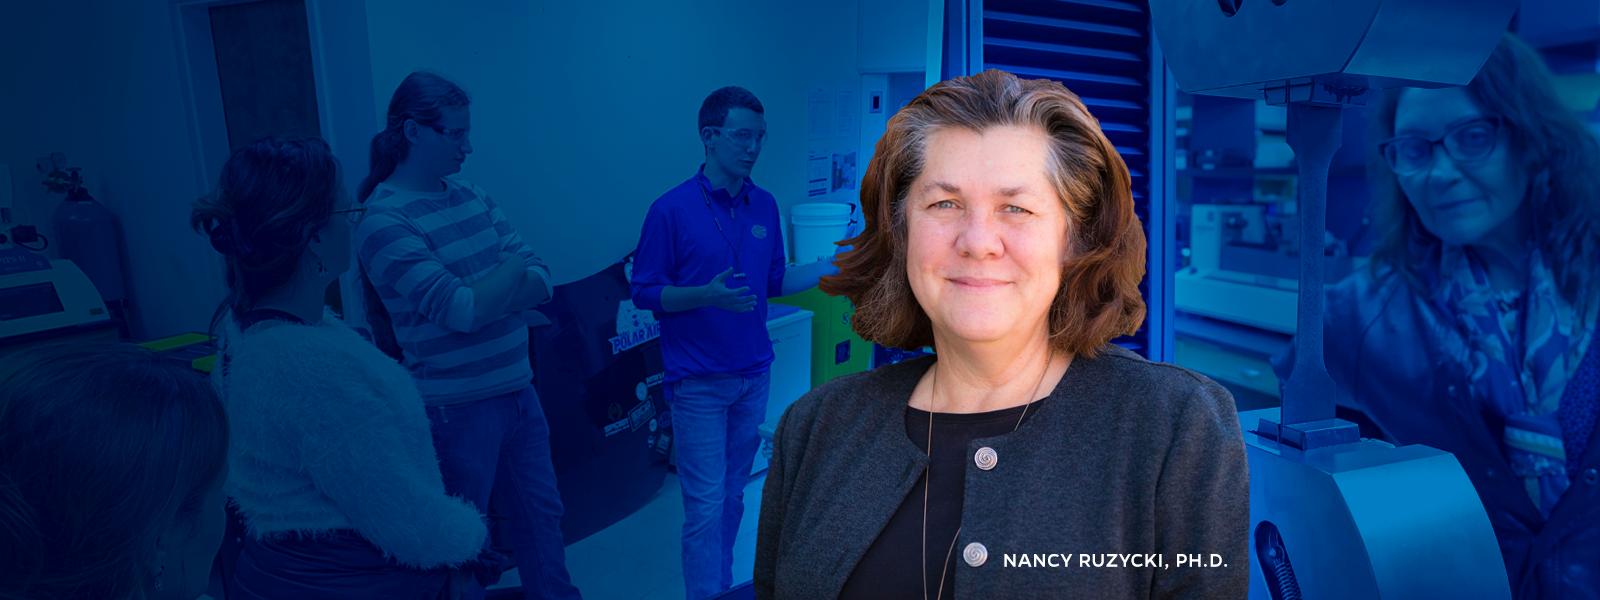 Nancy Ruzycki. Ph.D.